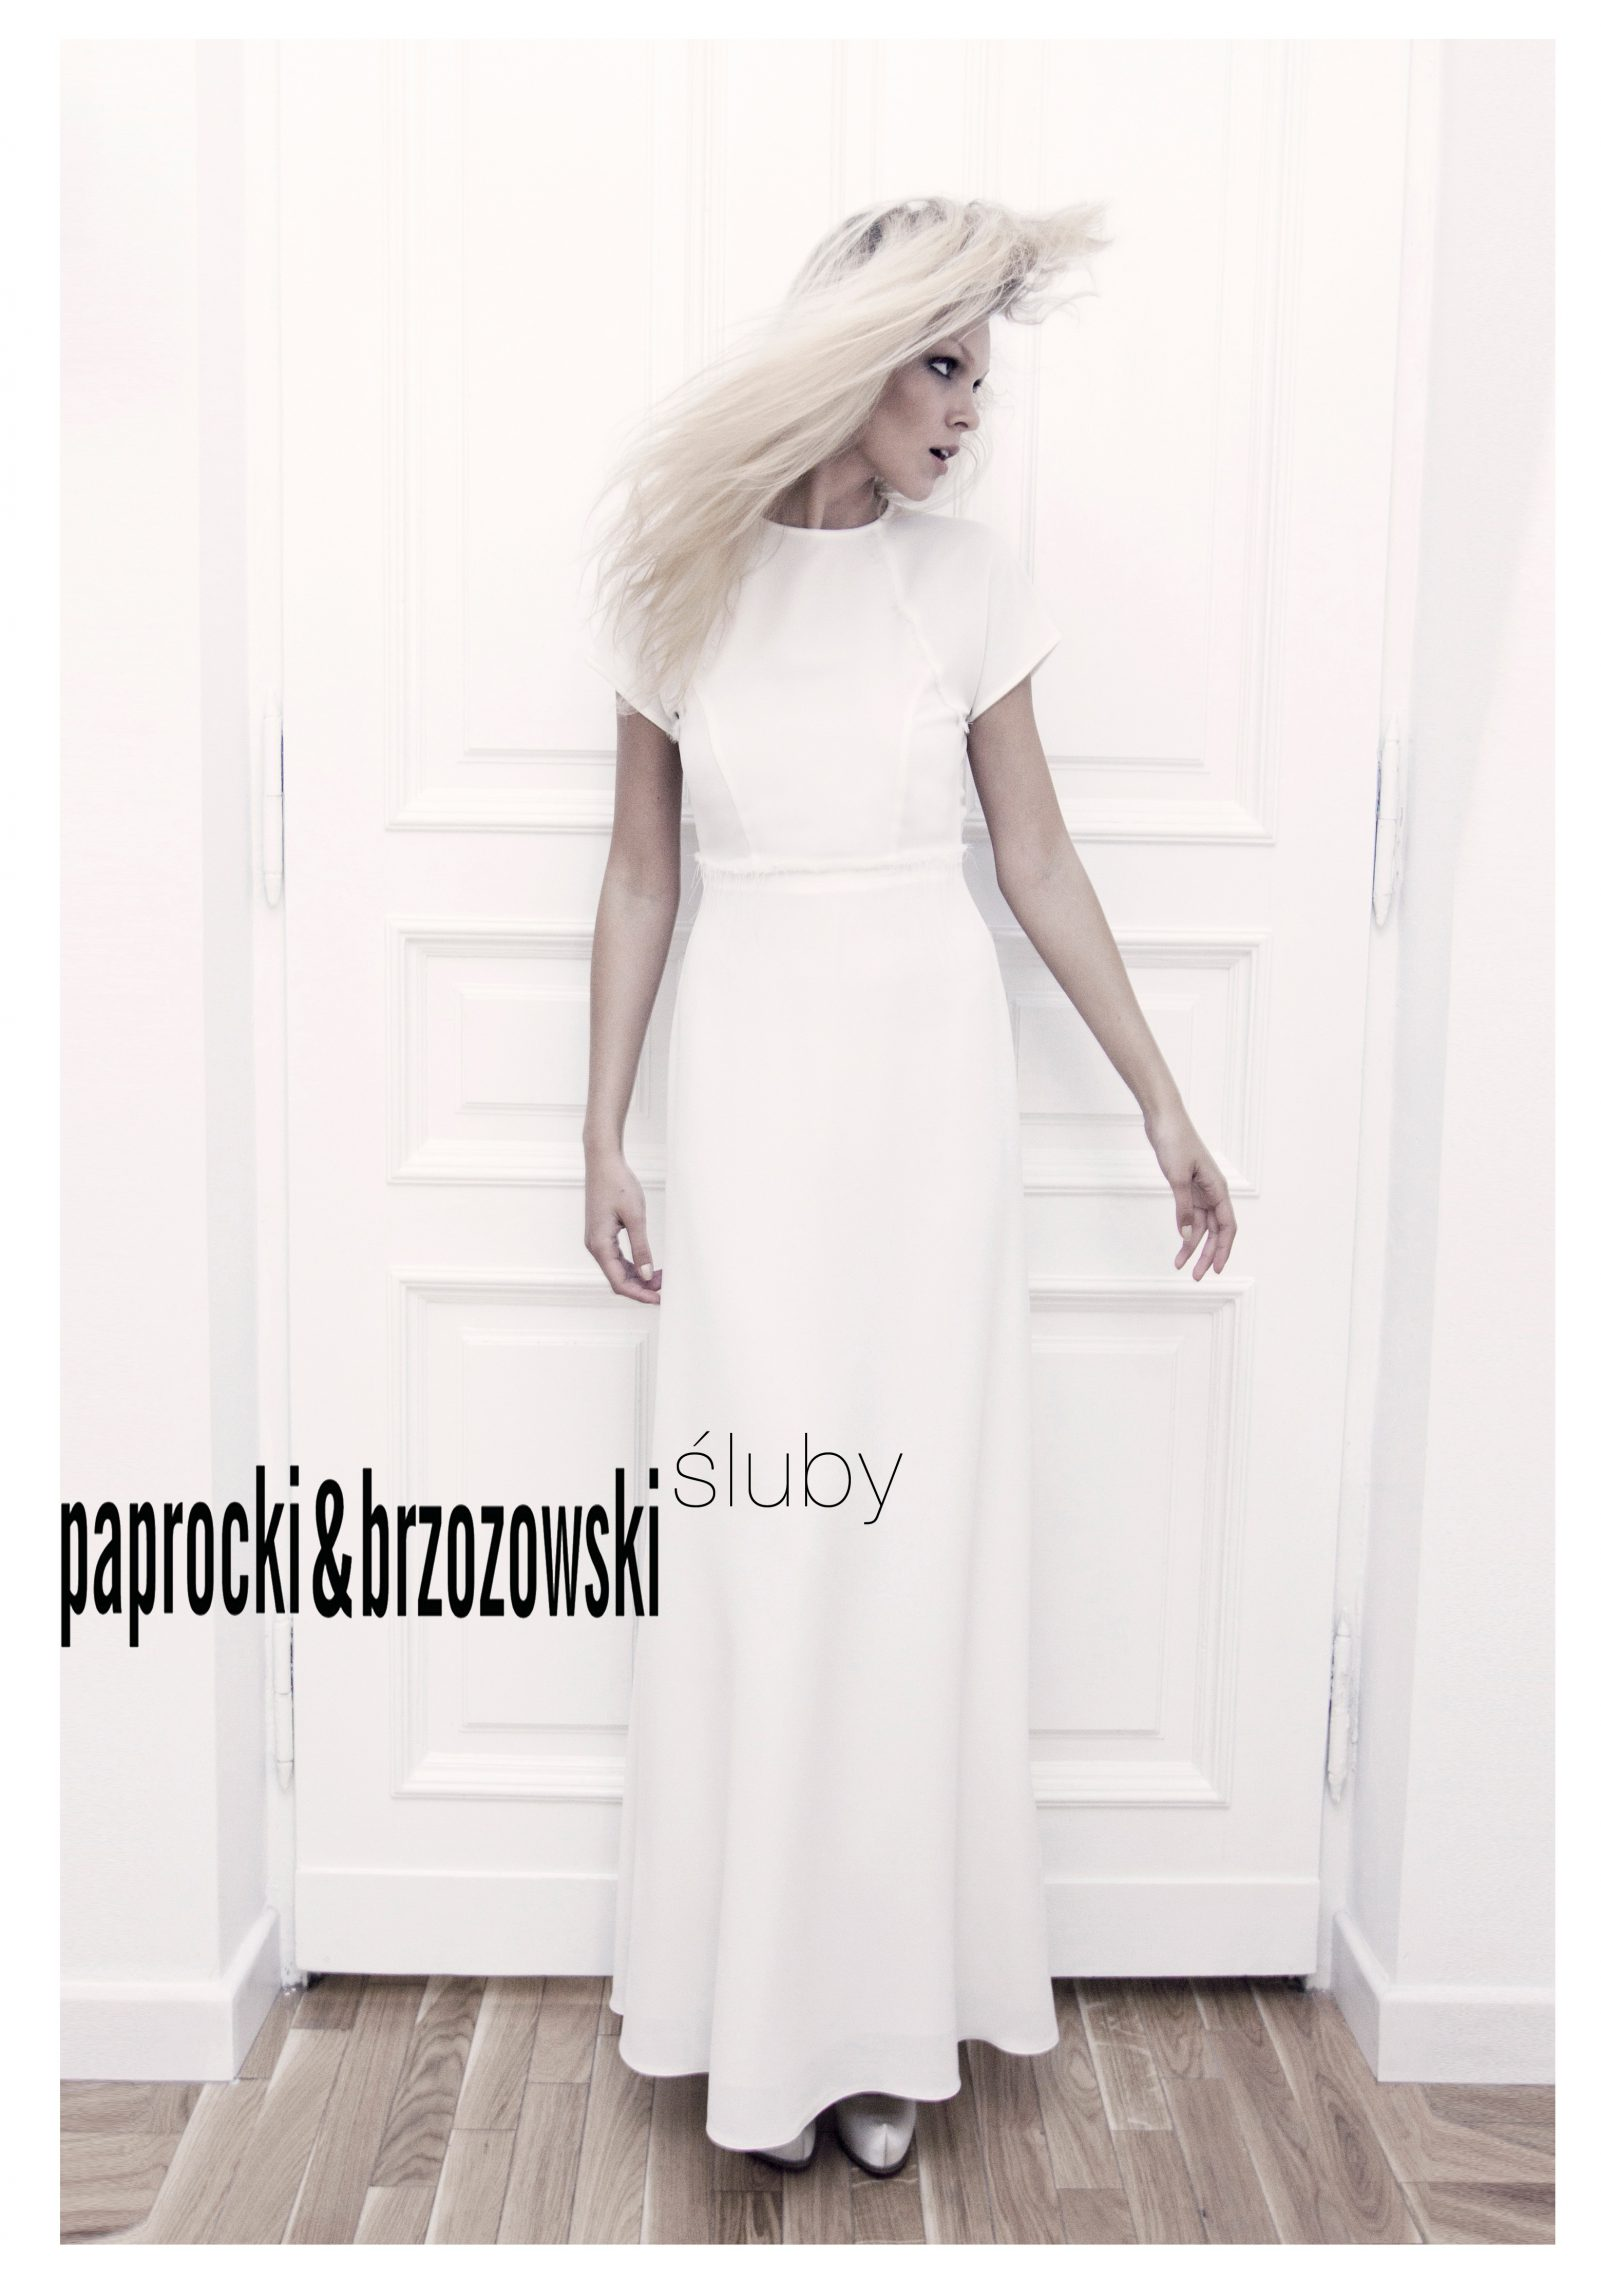 Ślub według Paprocki&Brzozowski